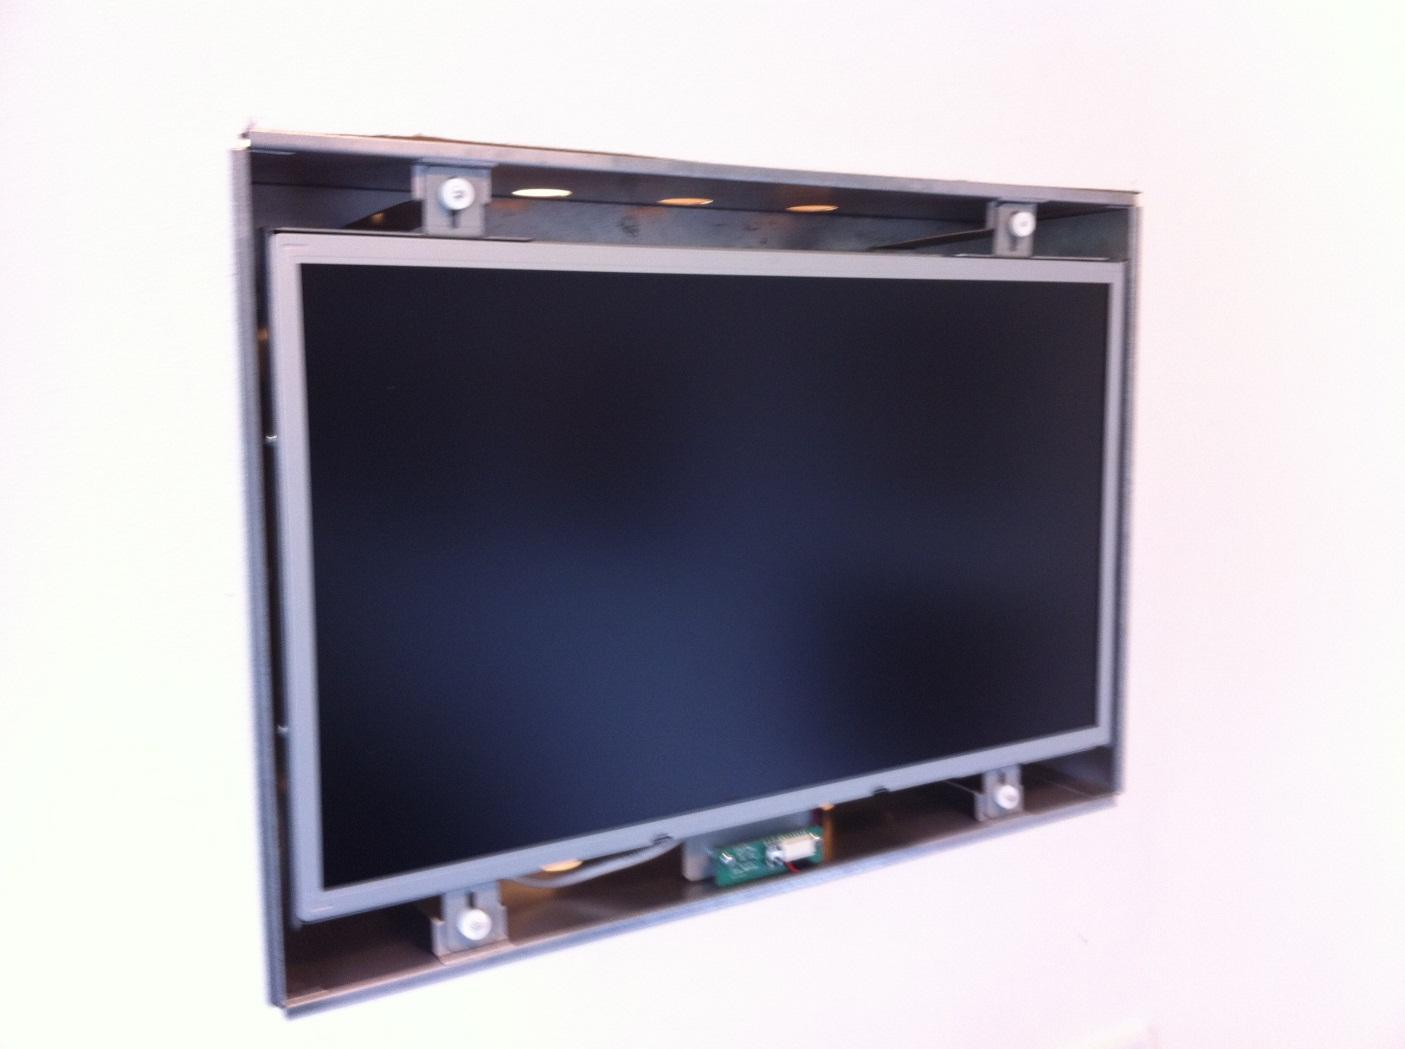 Влагозащищенный телевизор своими руками 94